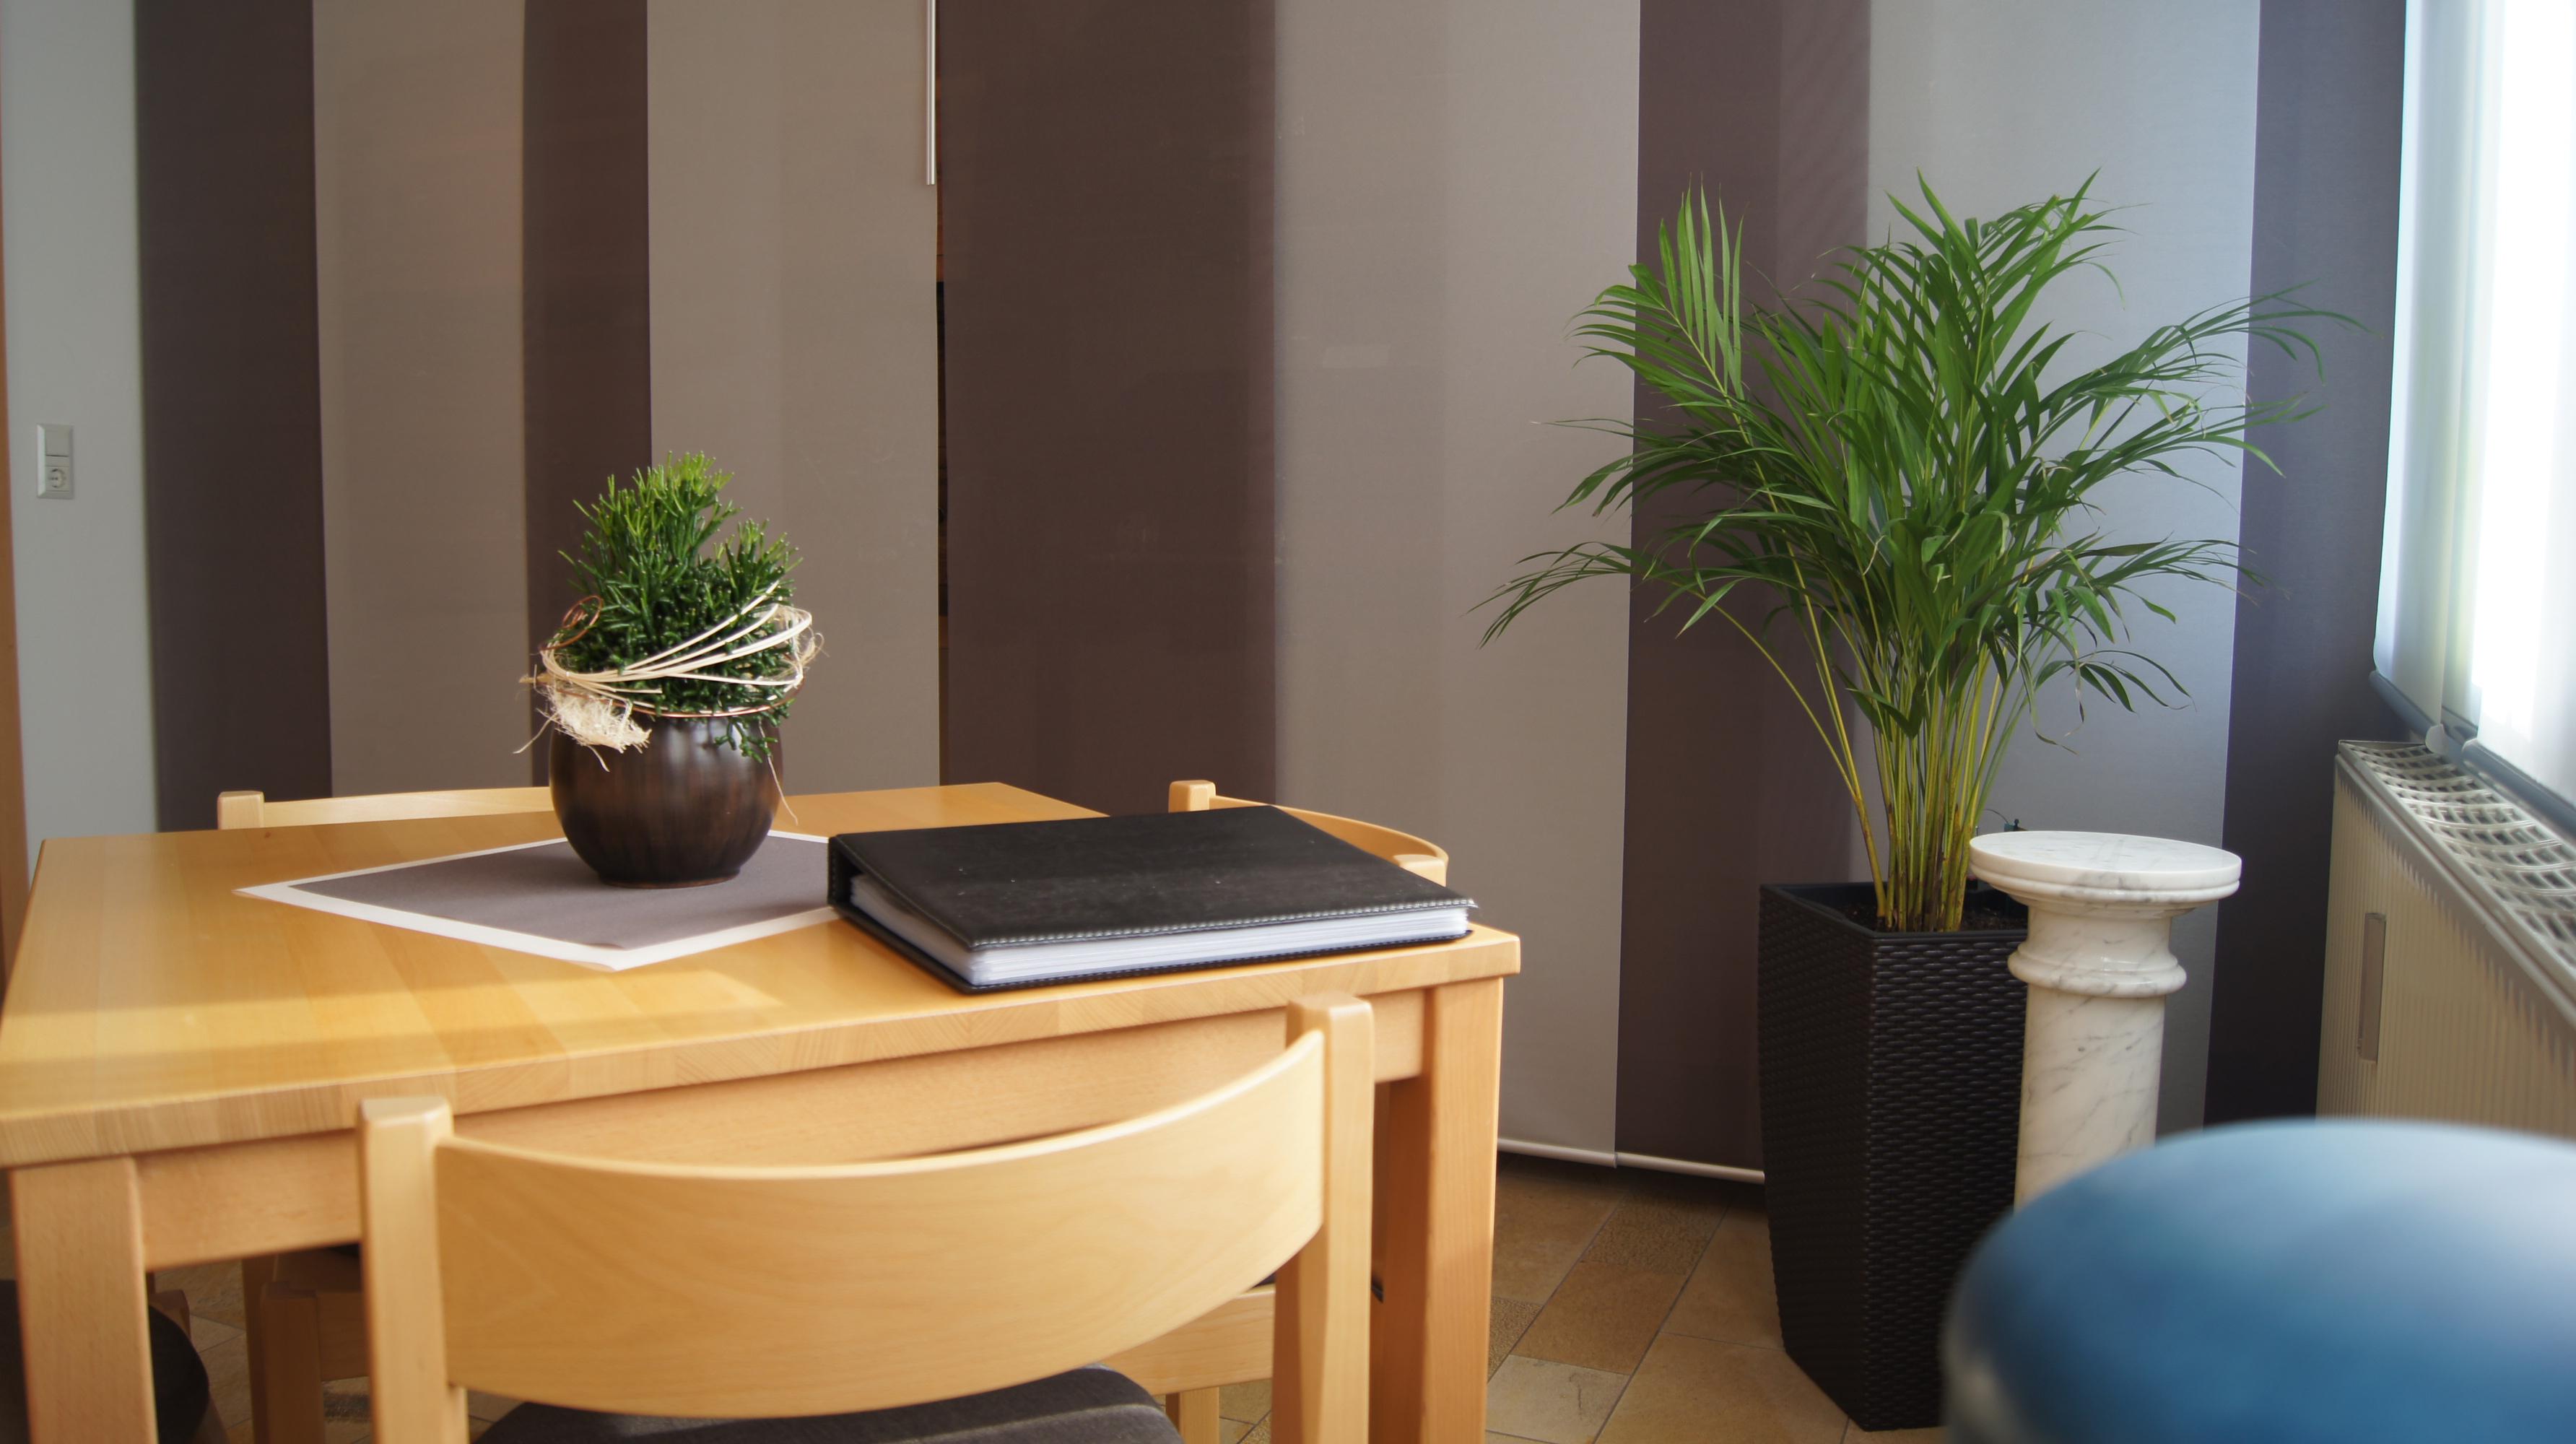 bestattungen friedrich hahn gmbh oelsnitz erz 09376. Black Bedroom Furniture Sets. Home Design Ideas